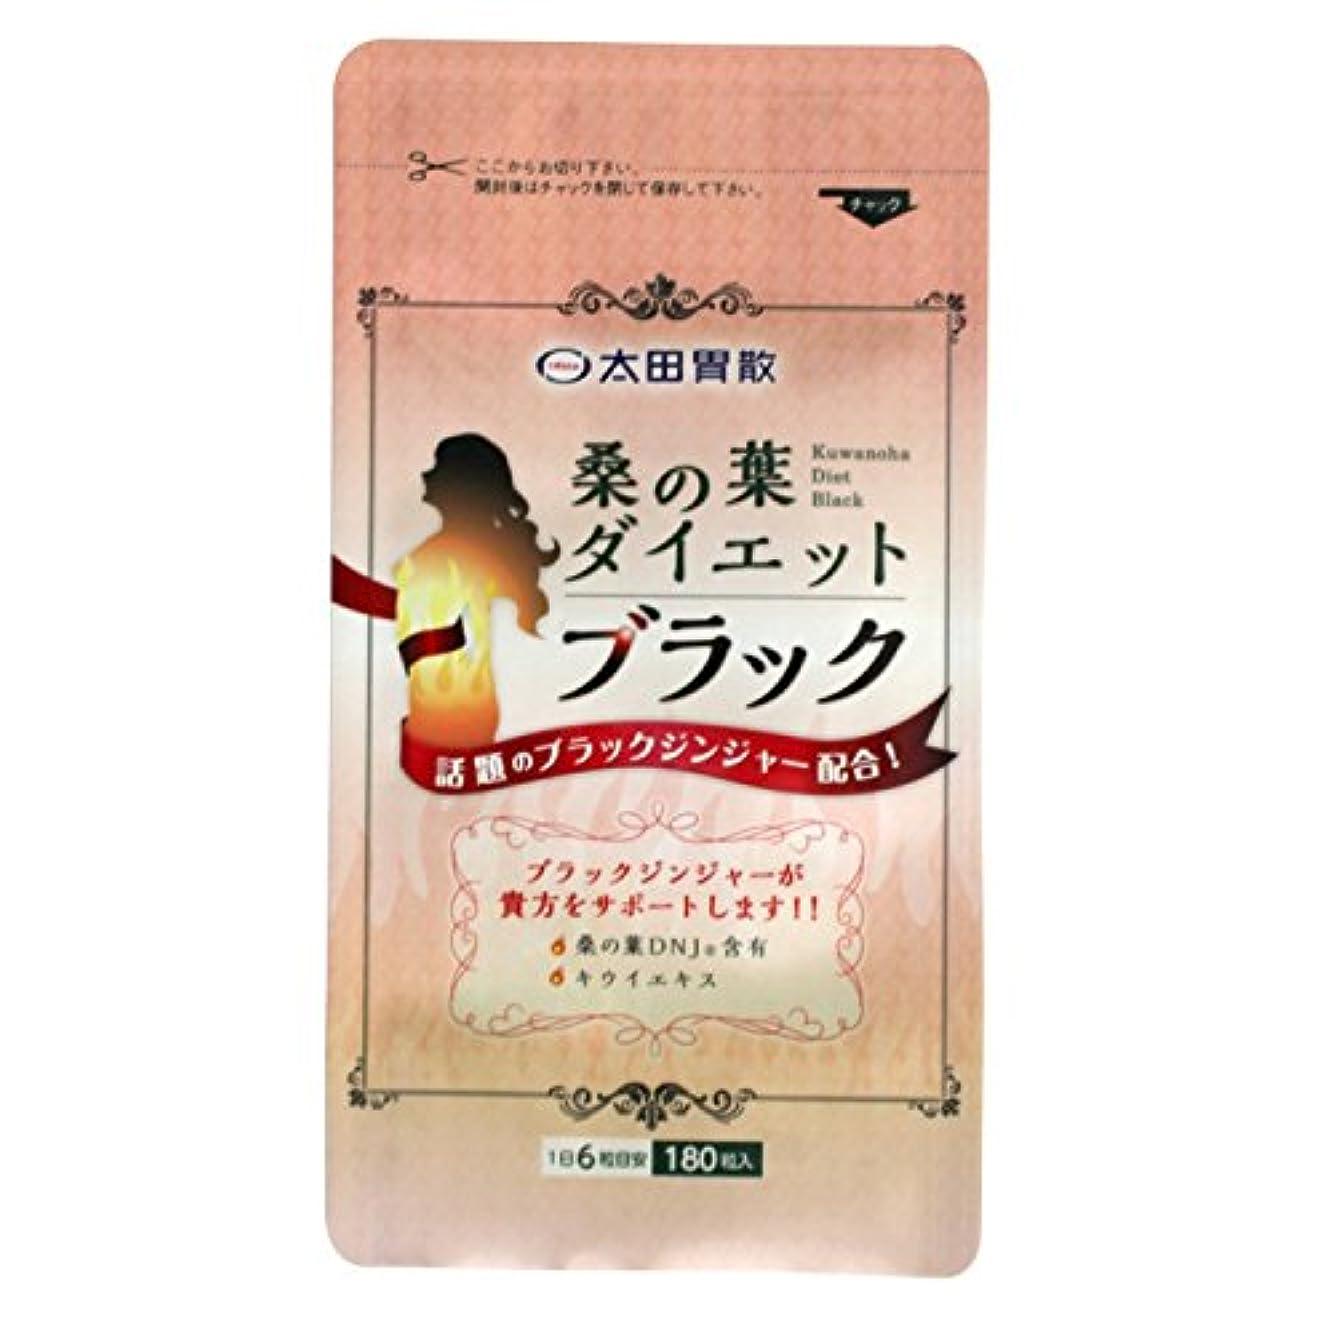 クロニクル腸広がり太田胃散 桑の葉ダイエットブラック (180粒)